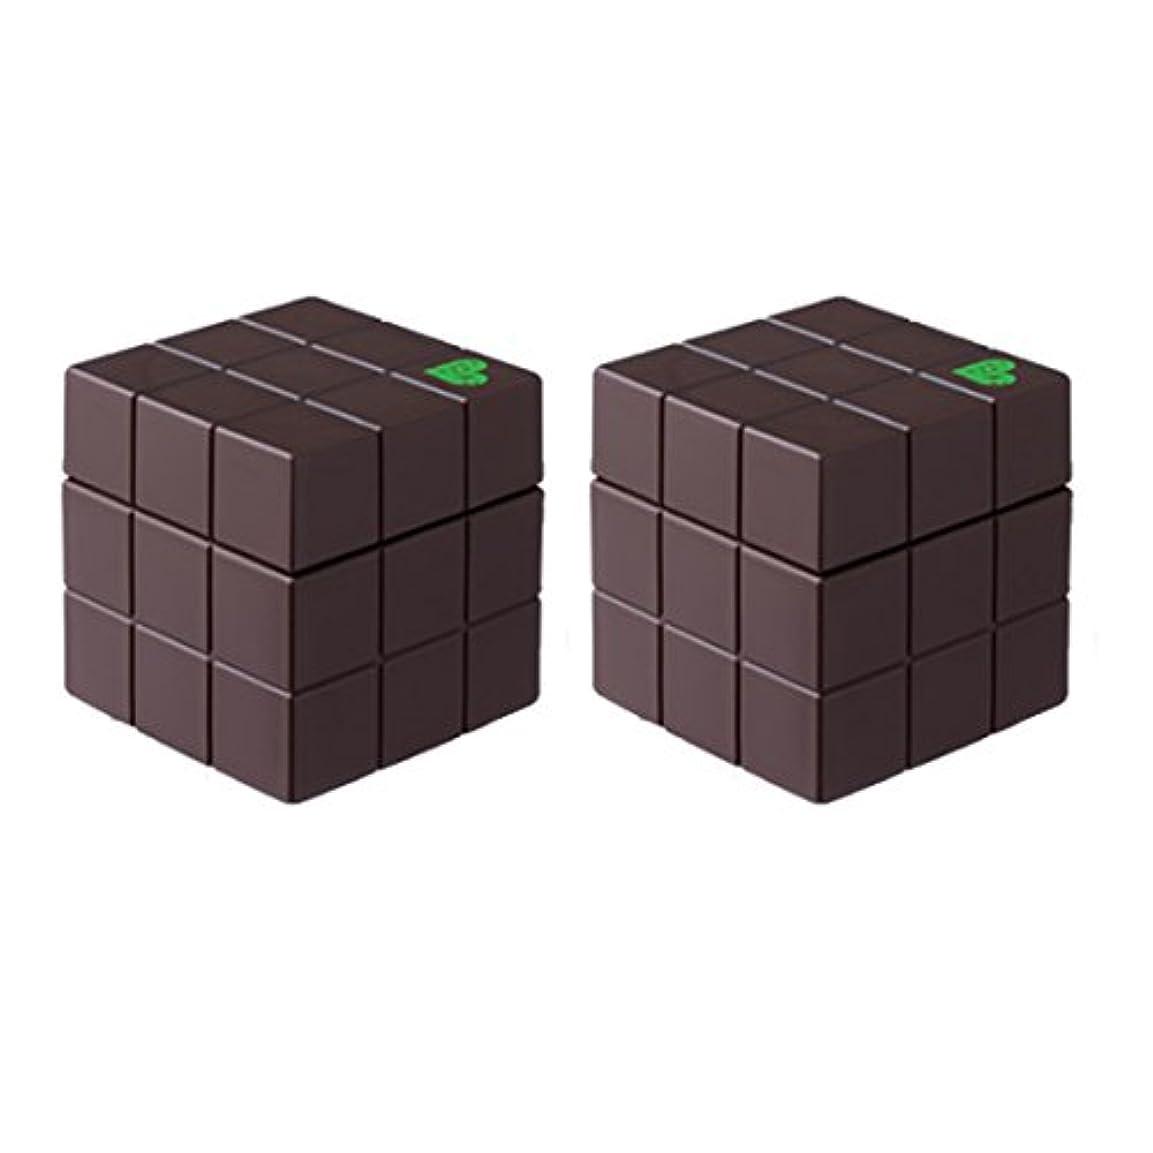 電極空いている定義する【X2個セット】 アリミノ ピース プロデザインシリーズ ハードワックス チョコ 80g ARIMINO